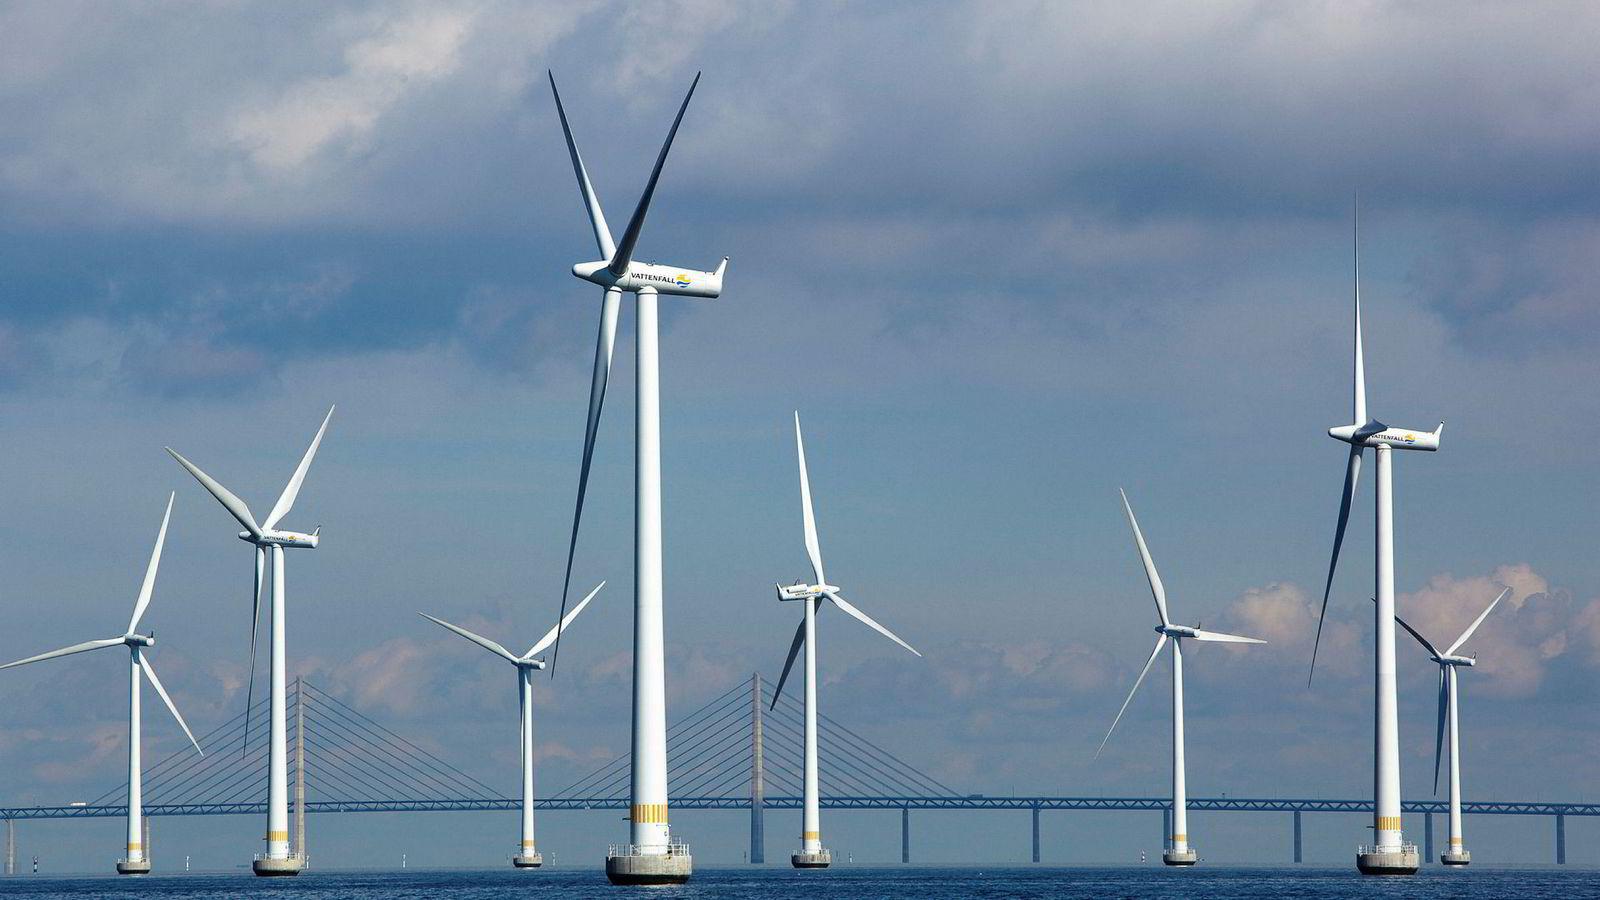 Skal dagens energibruk fortsette og erstattes med elektrisk kraft, vil vi måtte øke produksjonen av fornybar elektrisitet betraktelig.